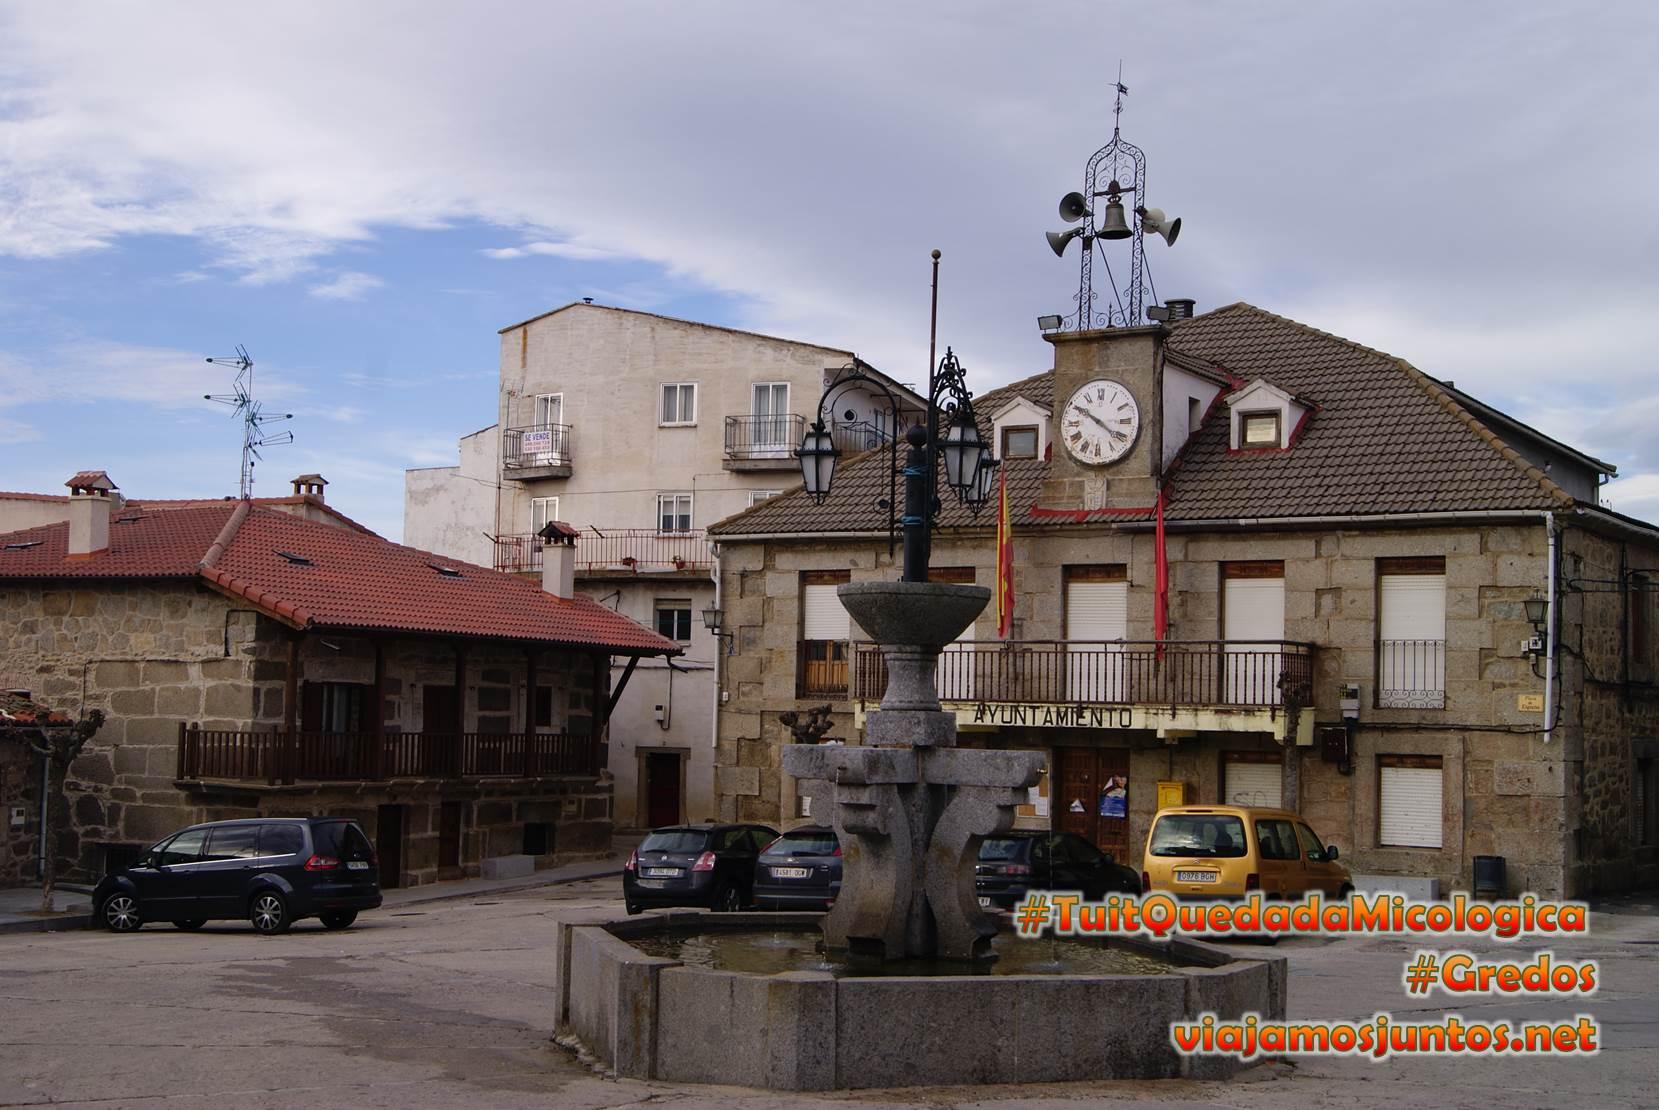 Ayuntamiento, Hoyocasero, Gredos, durante la #TuitQuedadaMicologica